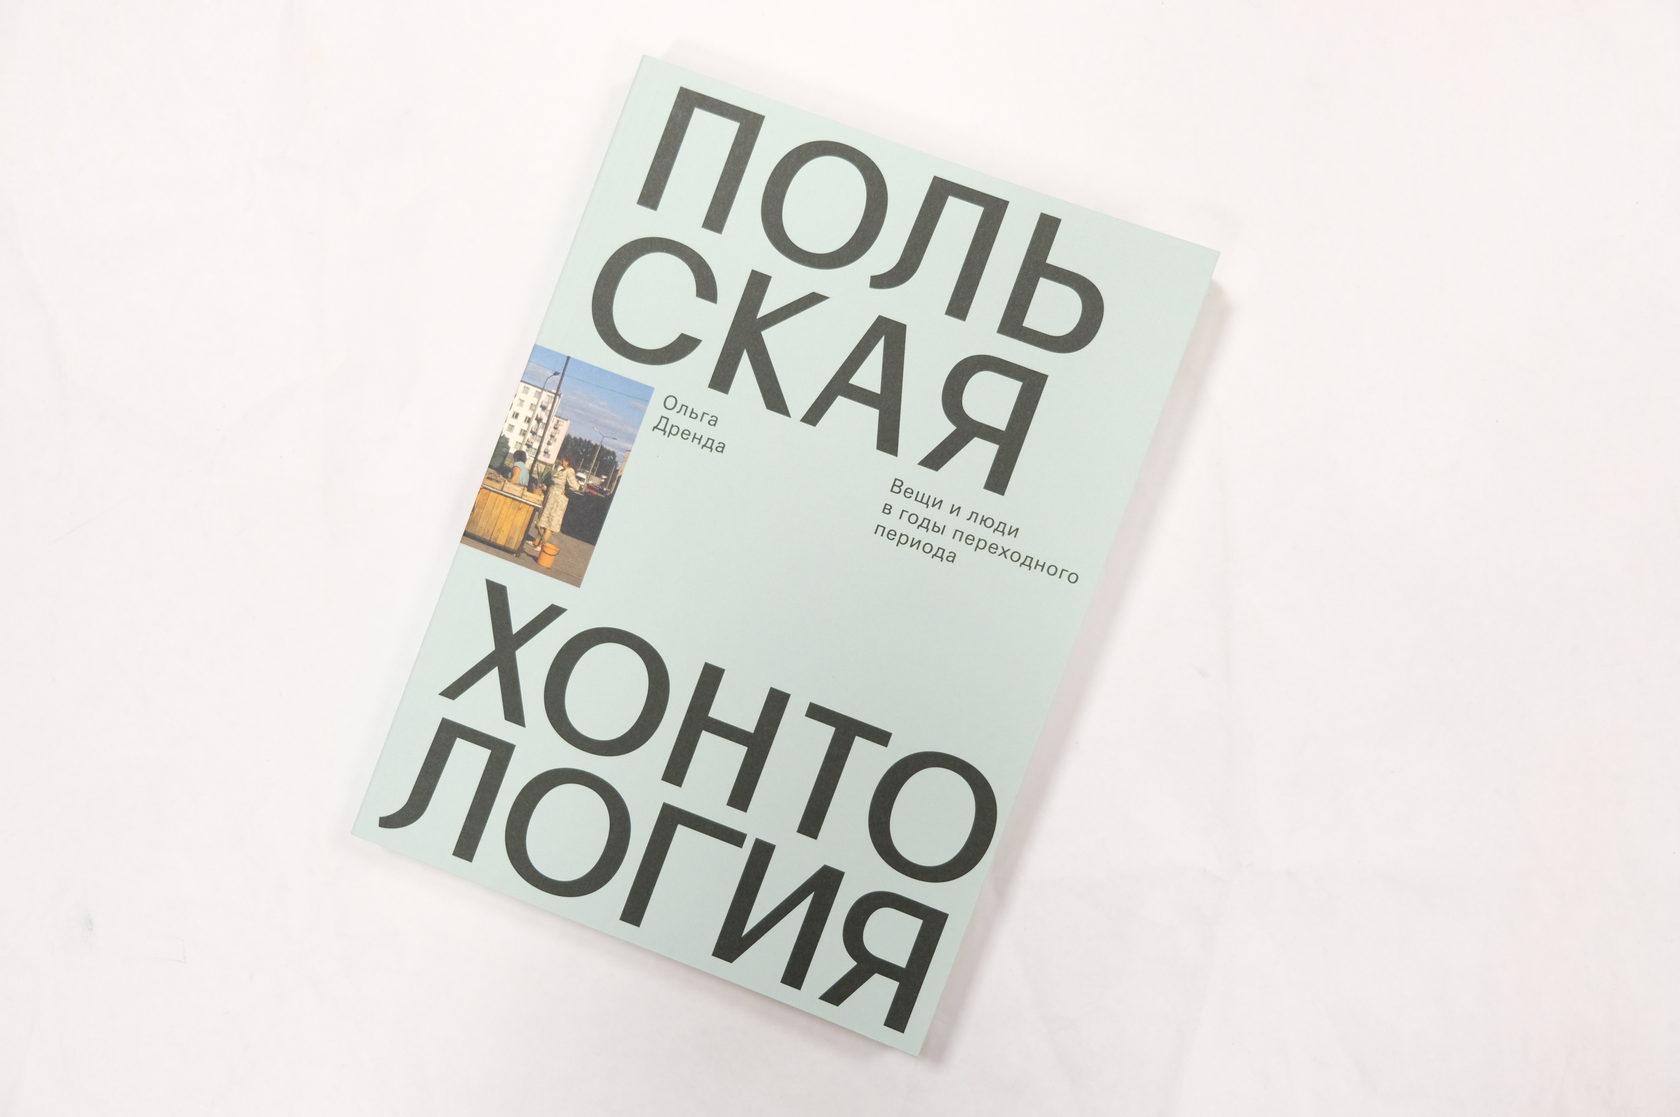 «Польская хонтология. Вещи и люди в годы переходного периода» Ольга Дренда